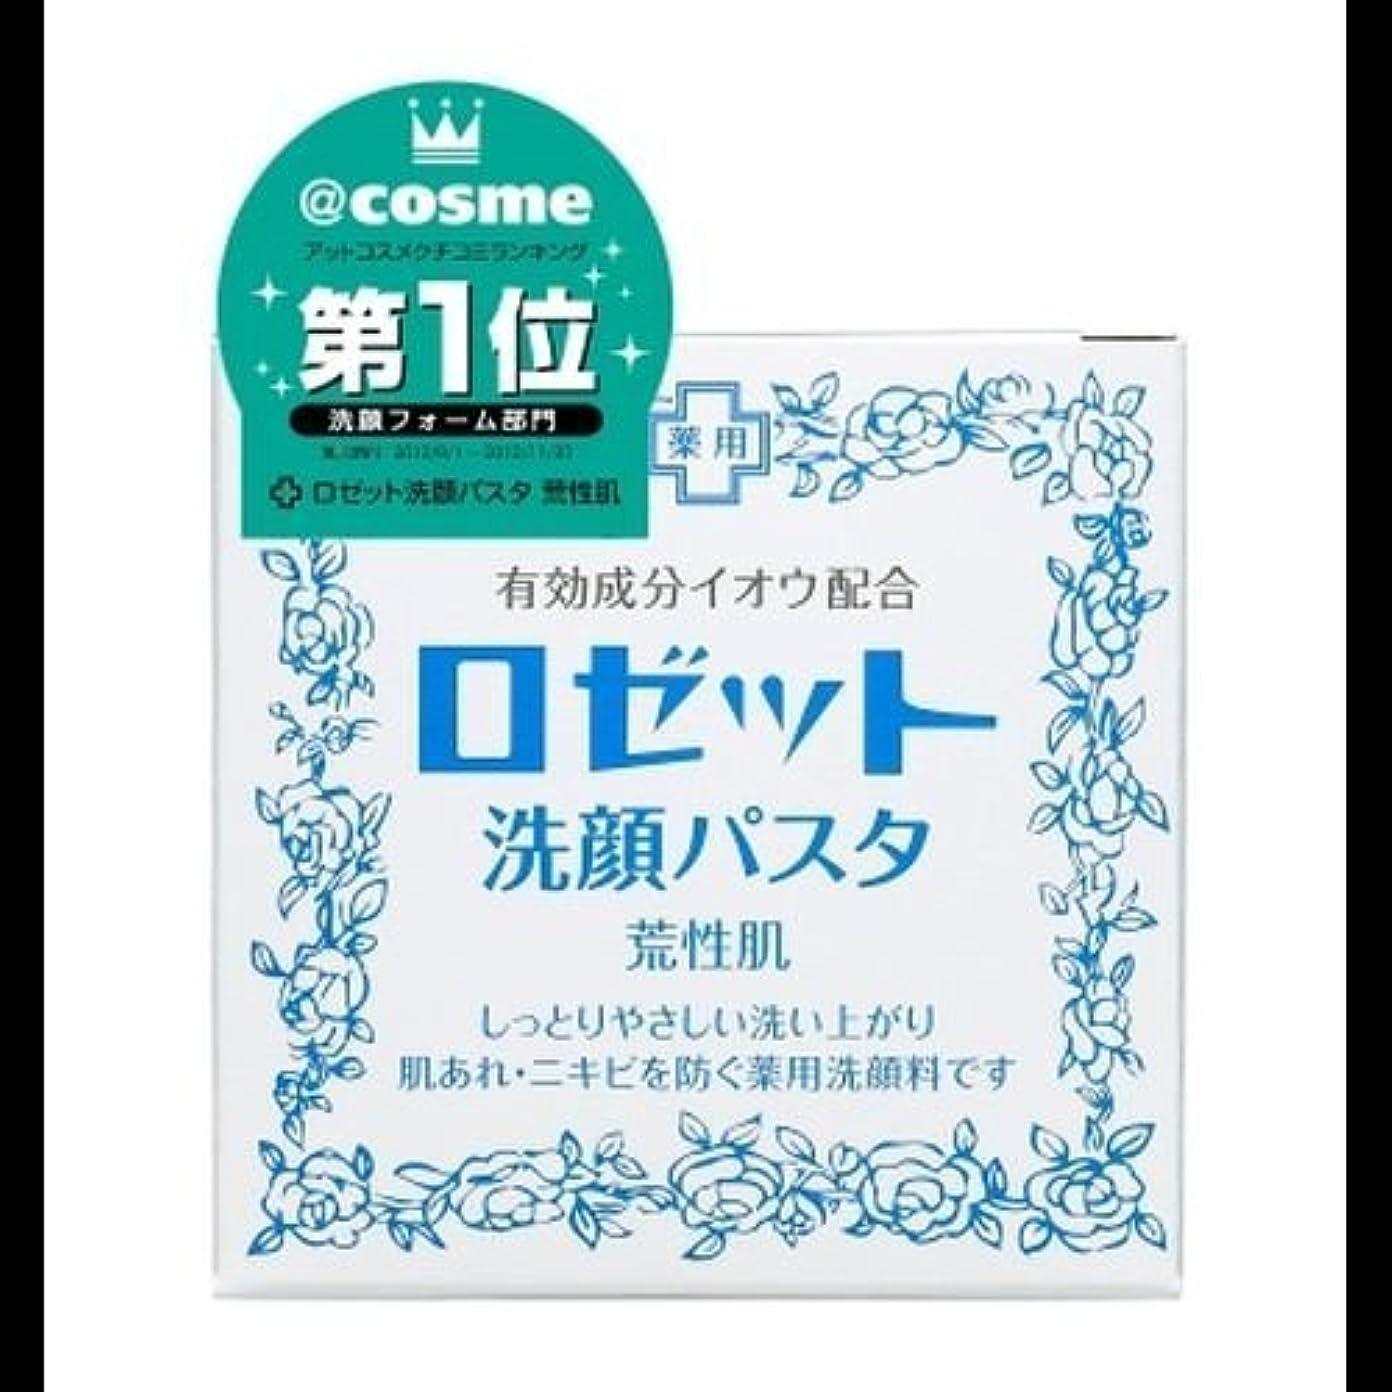 隠されたトロリー触手【まとめ買い】ロゼット 洗顔パスタ 荒性90g ×2セット